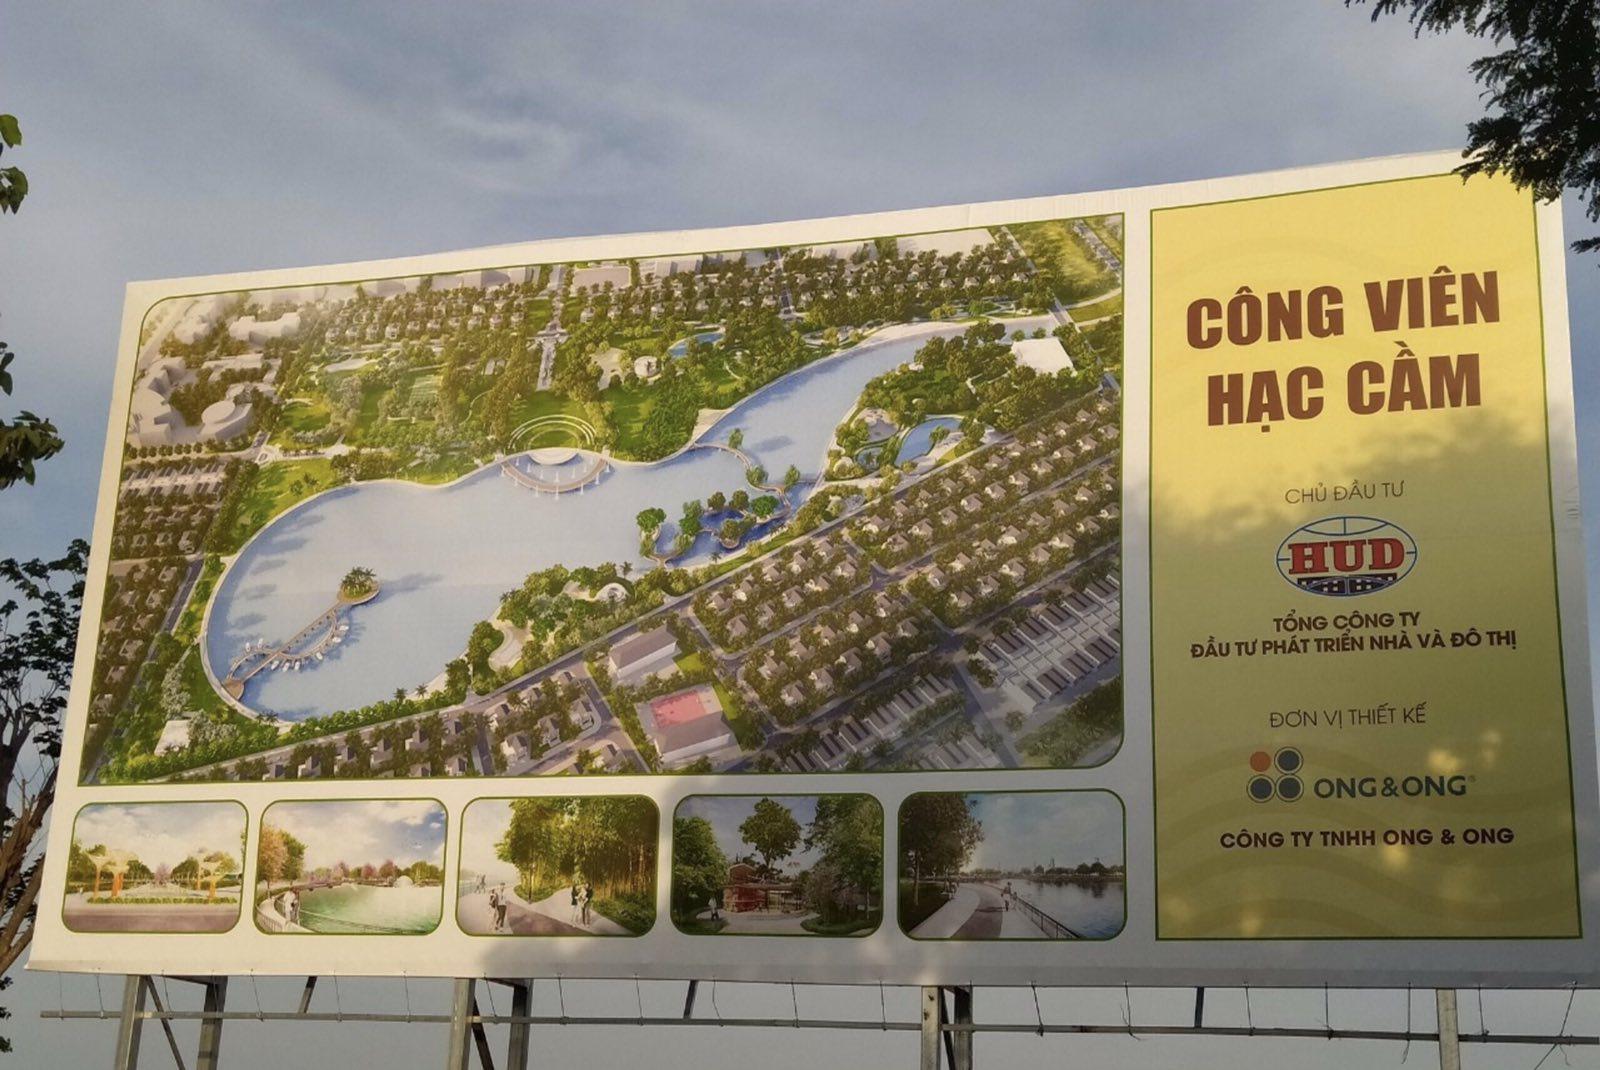 HẠC CẦM PARK - Công viên trung tâm Khu đô thị Đông Tăng Long Quận 9